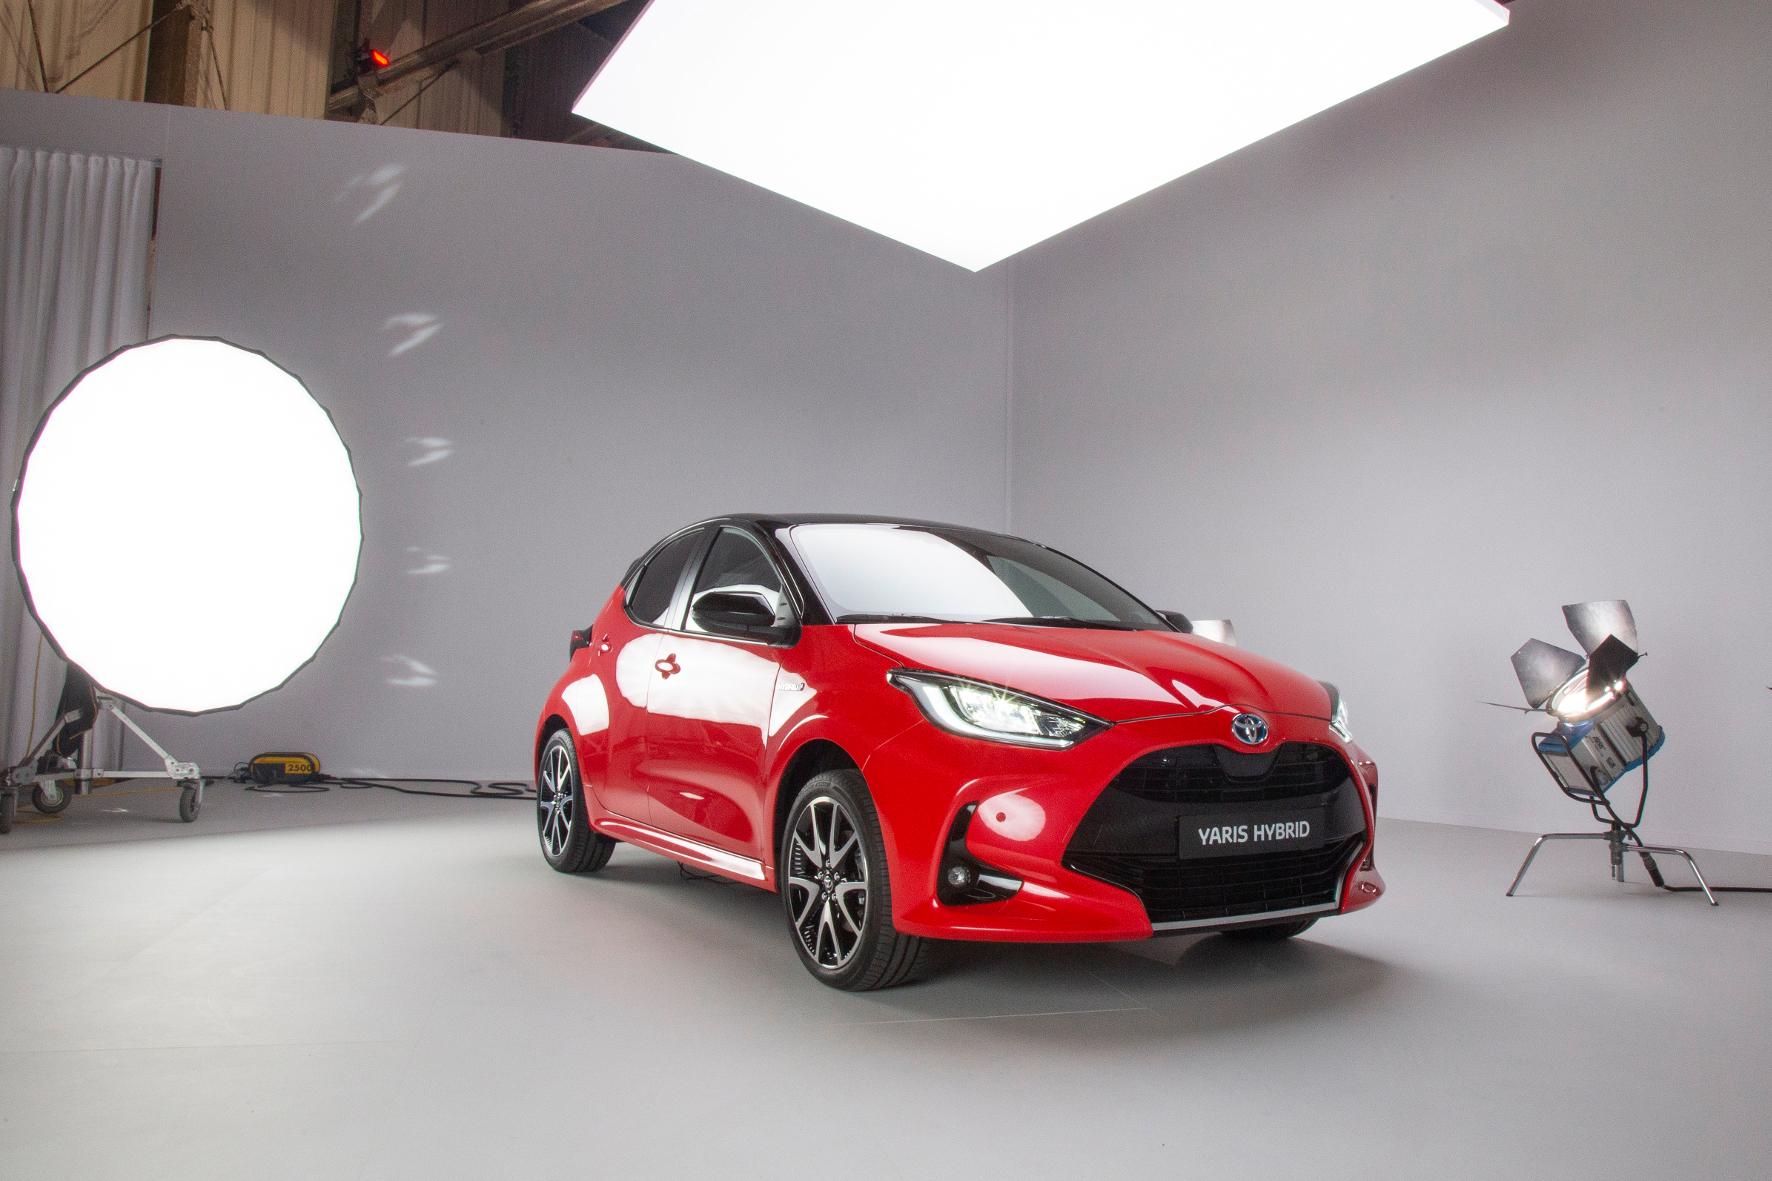 mid Amsterdam - Verglichen mit dem zahmen Vorgängermodell schaut der neue Yaris geradezu angriffslustig in die Welt. Toyota